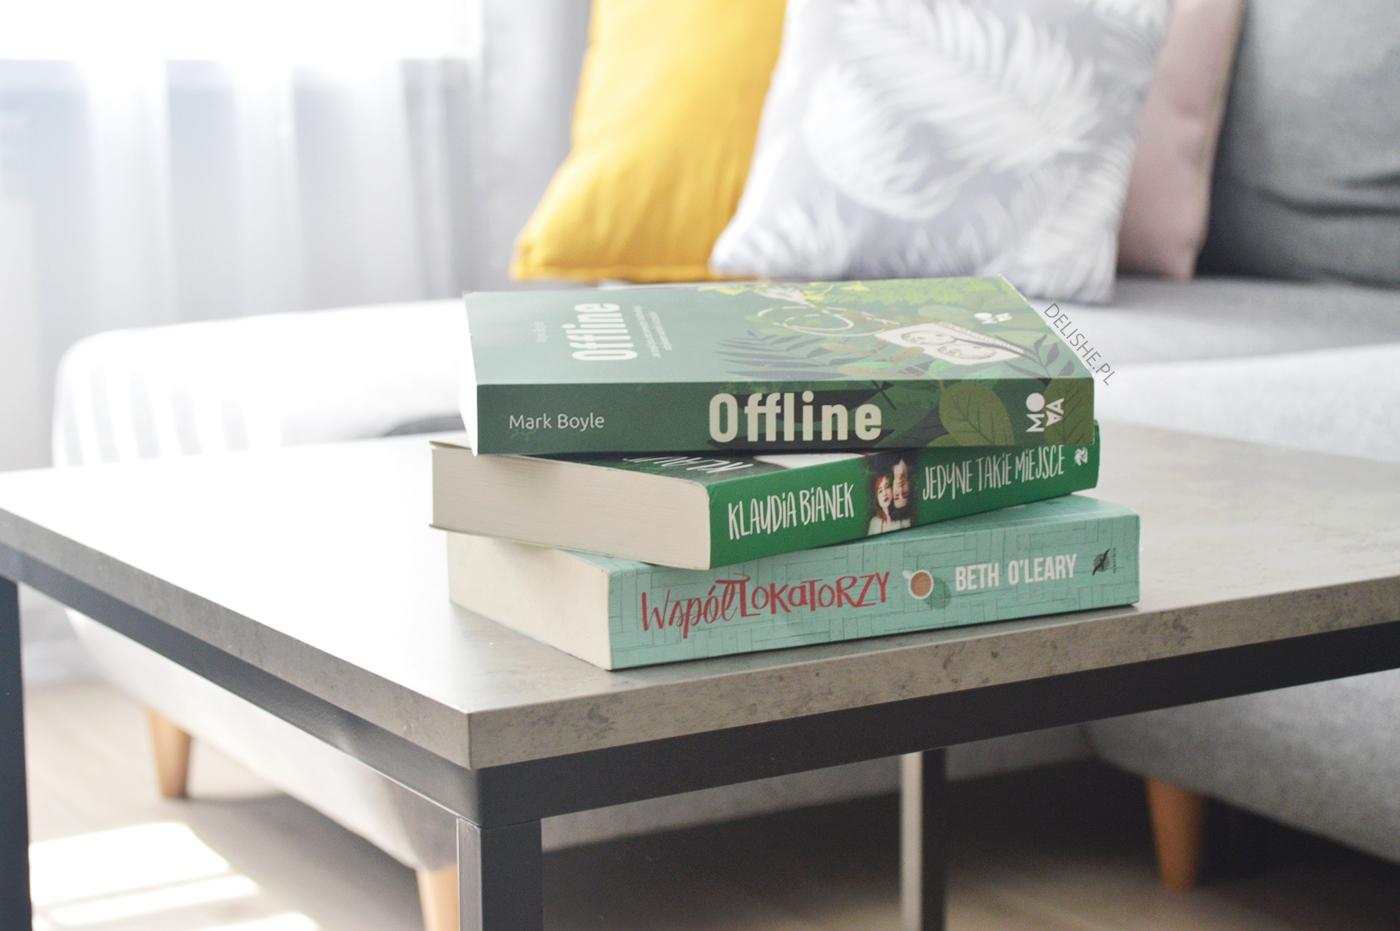 książki na wakacje co czytać offline